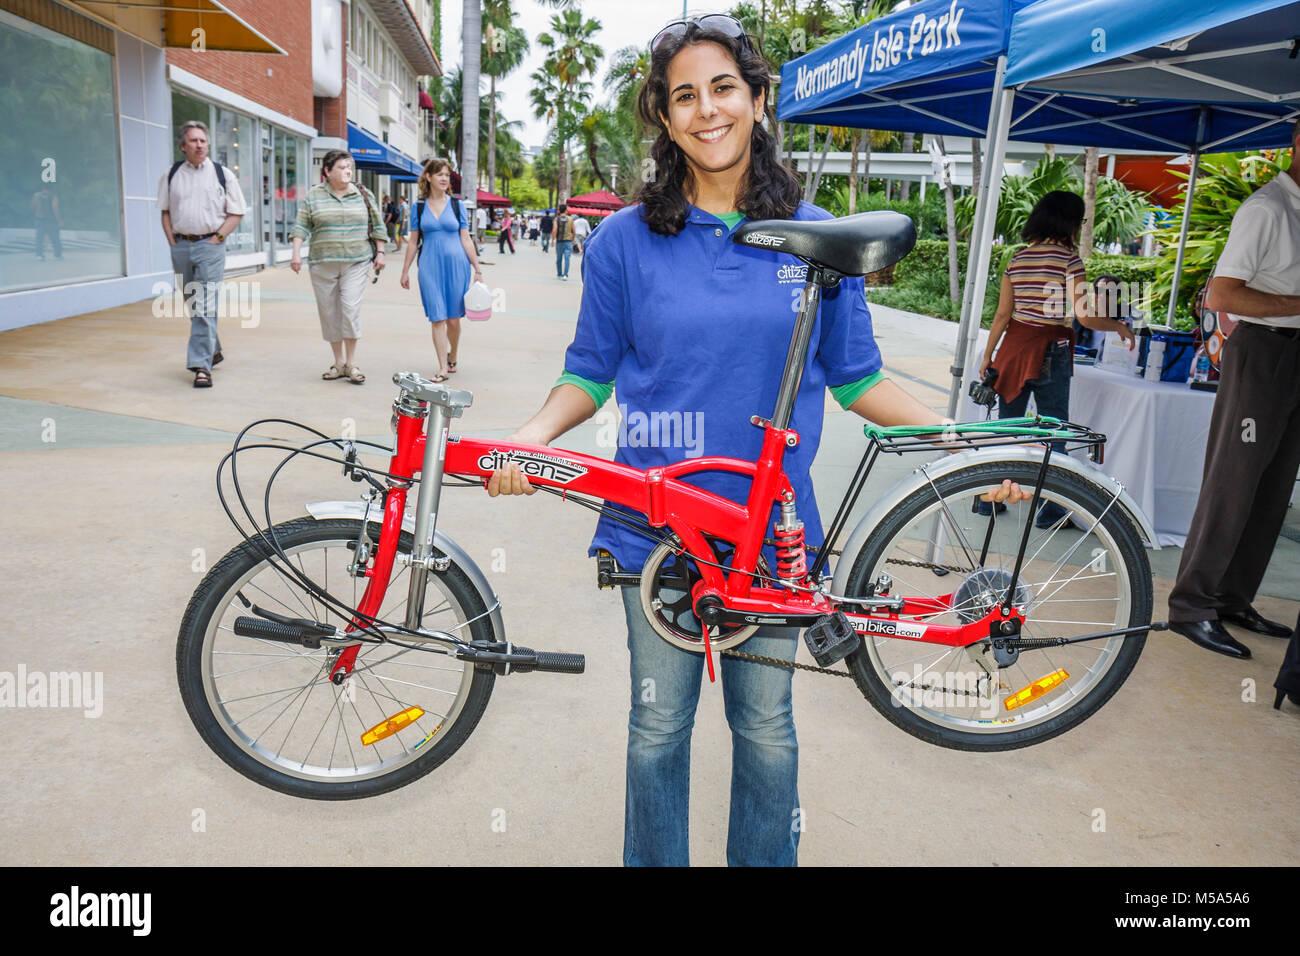 Mit dem Rad zur Arbeit Woche Bürger Bike falten Ausstellung Hispanic Frau leichte grüne Bewegung Fahrrad Stockbild